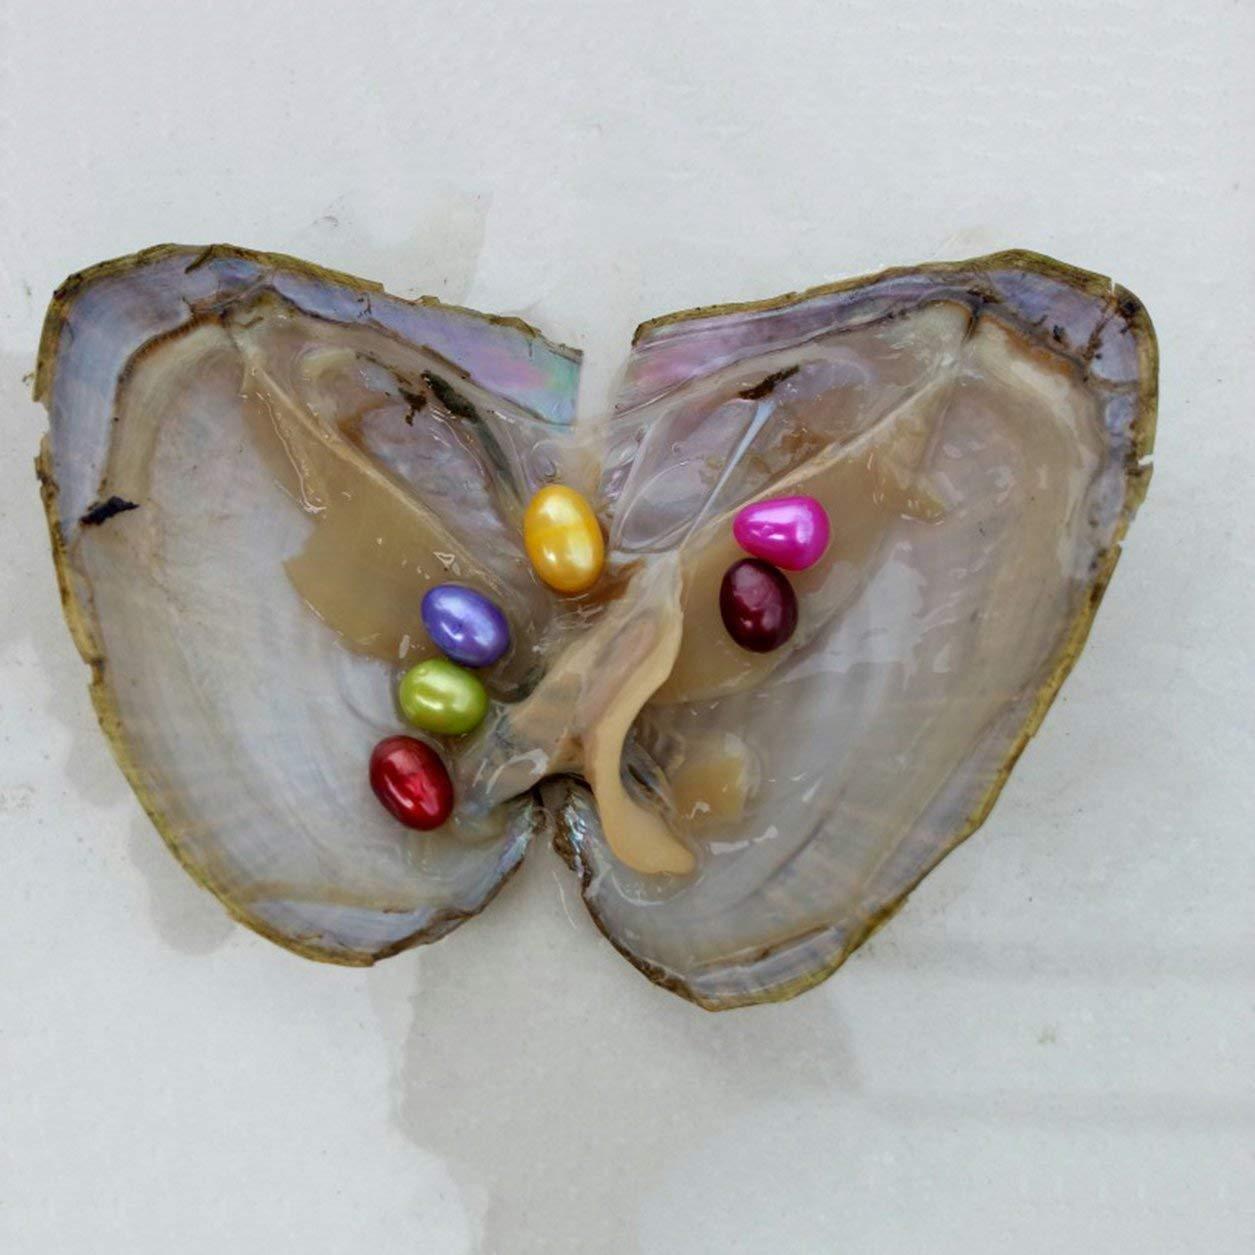 Dailyinshop Confezione sottovuoto Perle di ostriche Conchiglia di mitili con 6 perle all'interno di perla d'acqua dolce